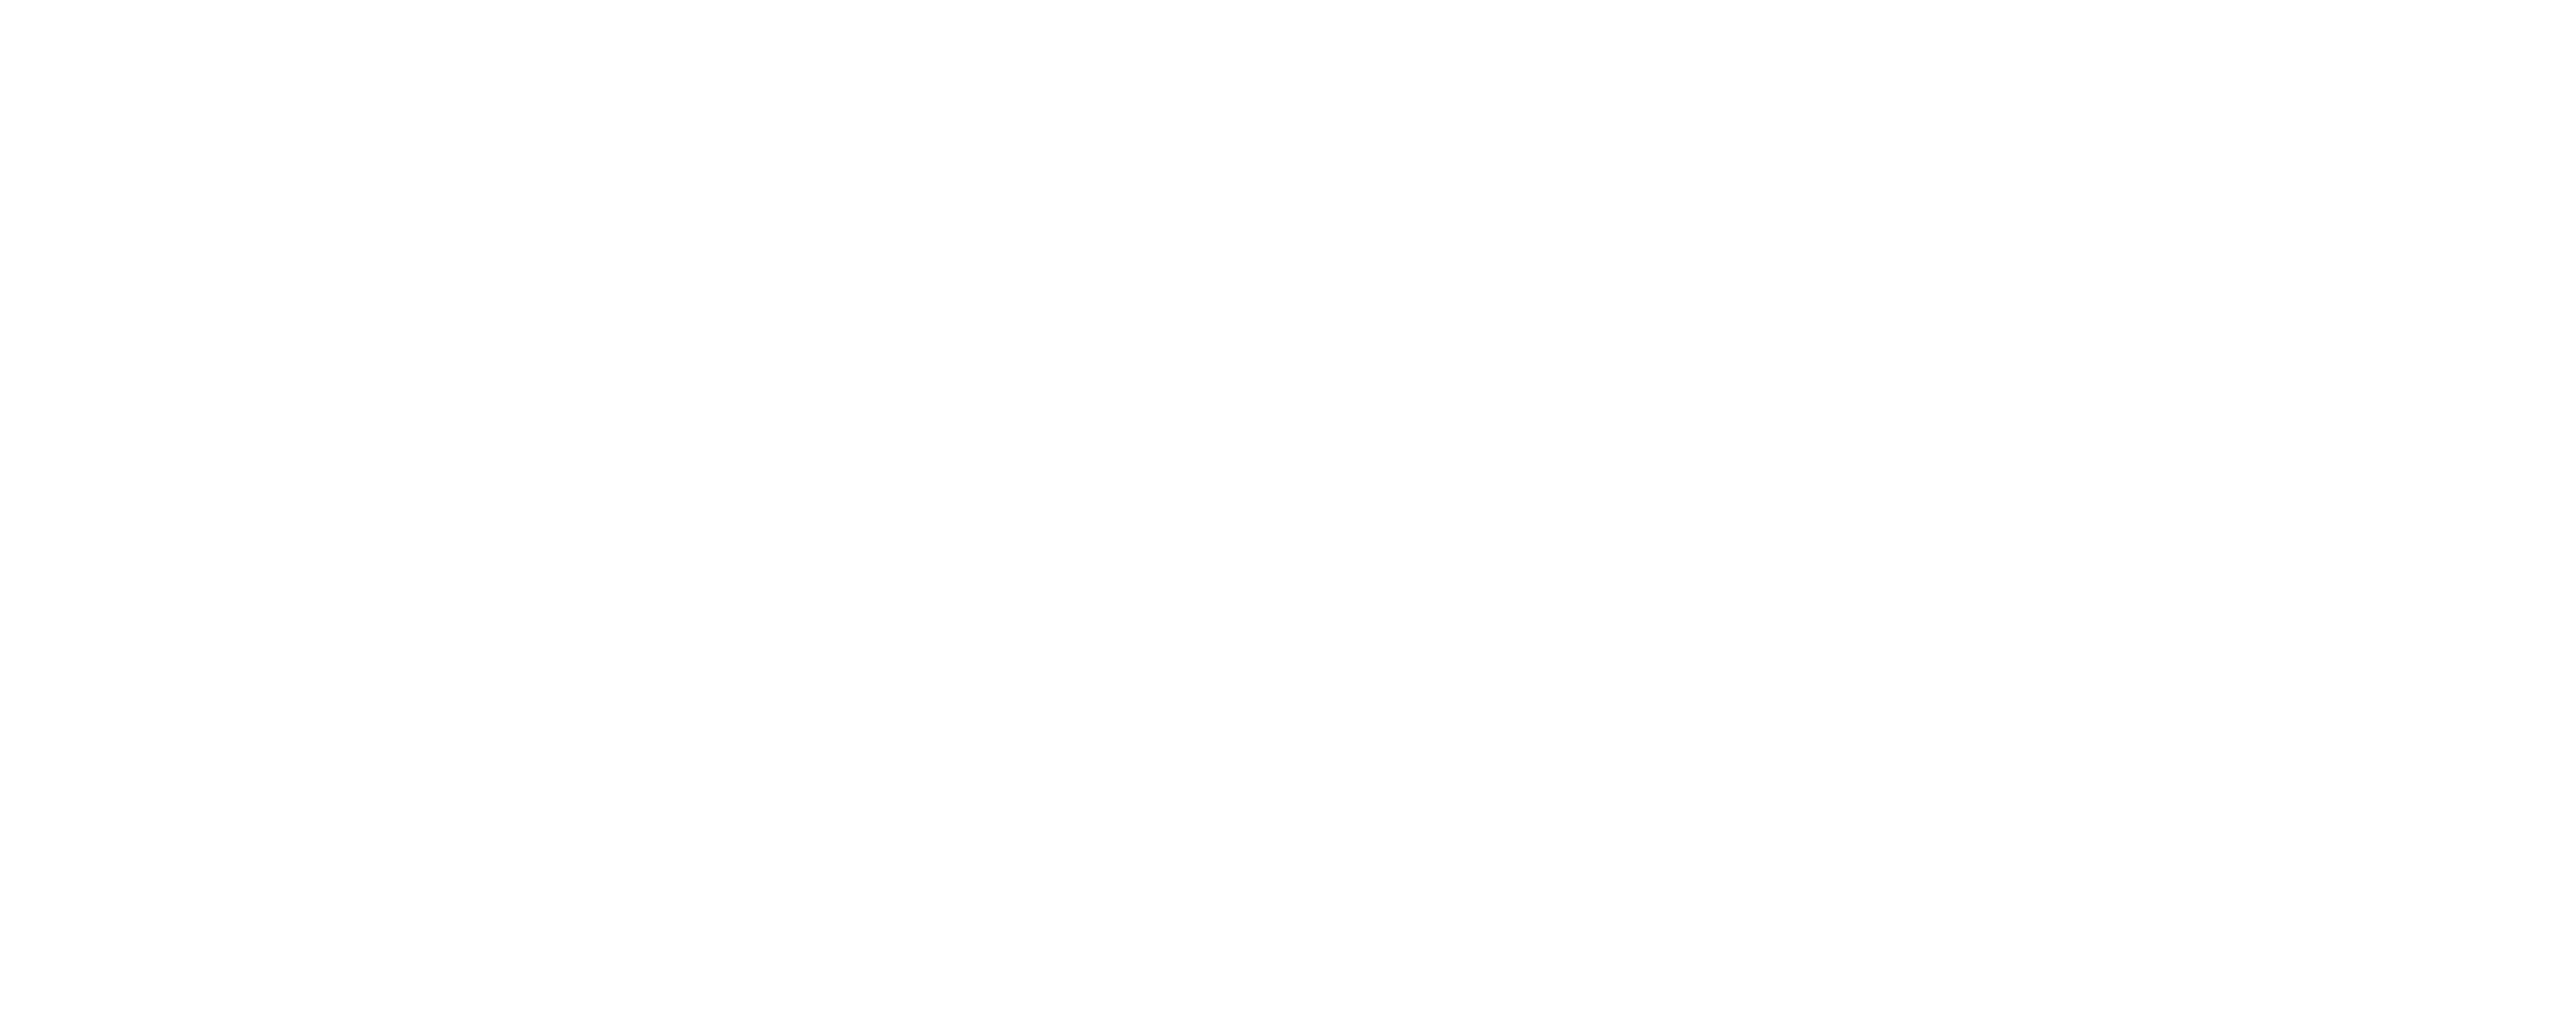 23 Energy. Támara Echegoyen y Paula Barceló